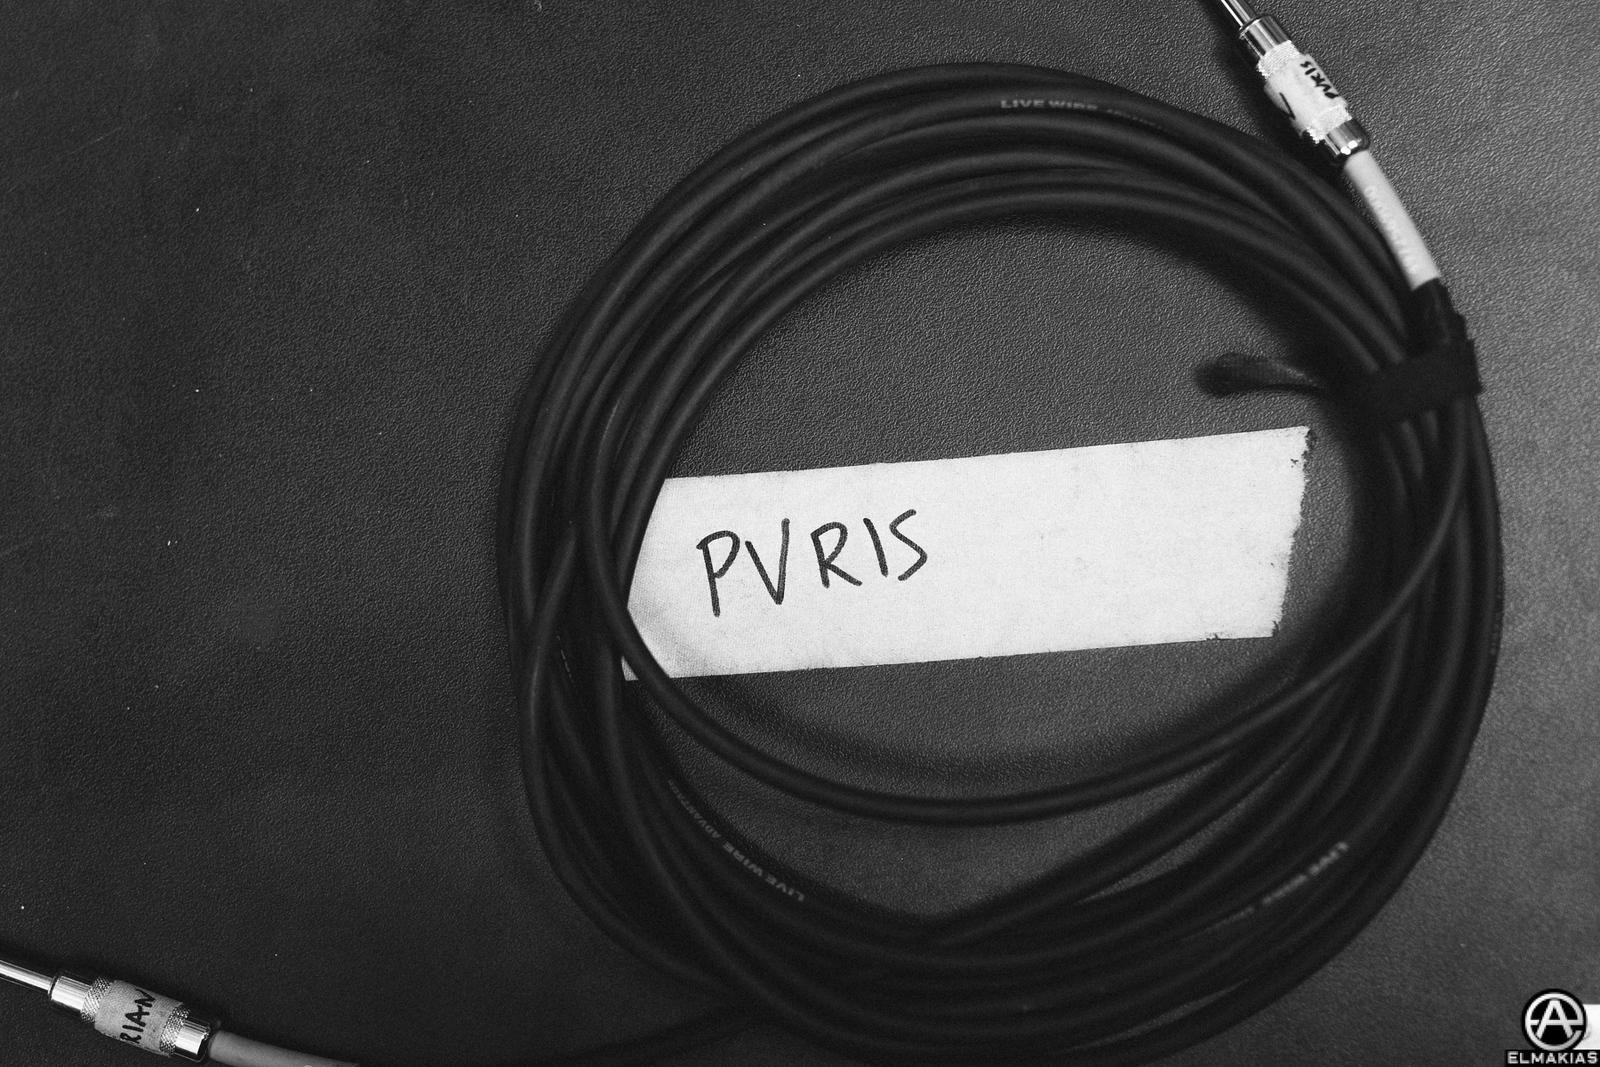 PVRIS was here by Adam Elmakias at Vans Warped Tour 2015